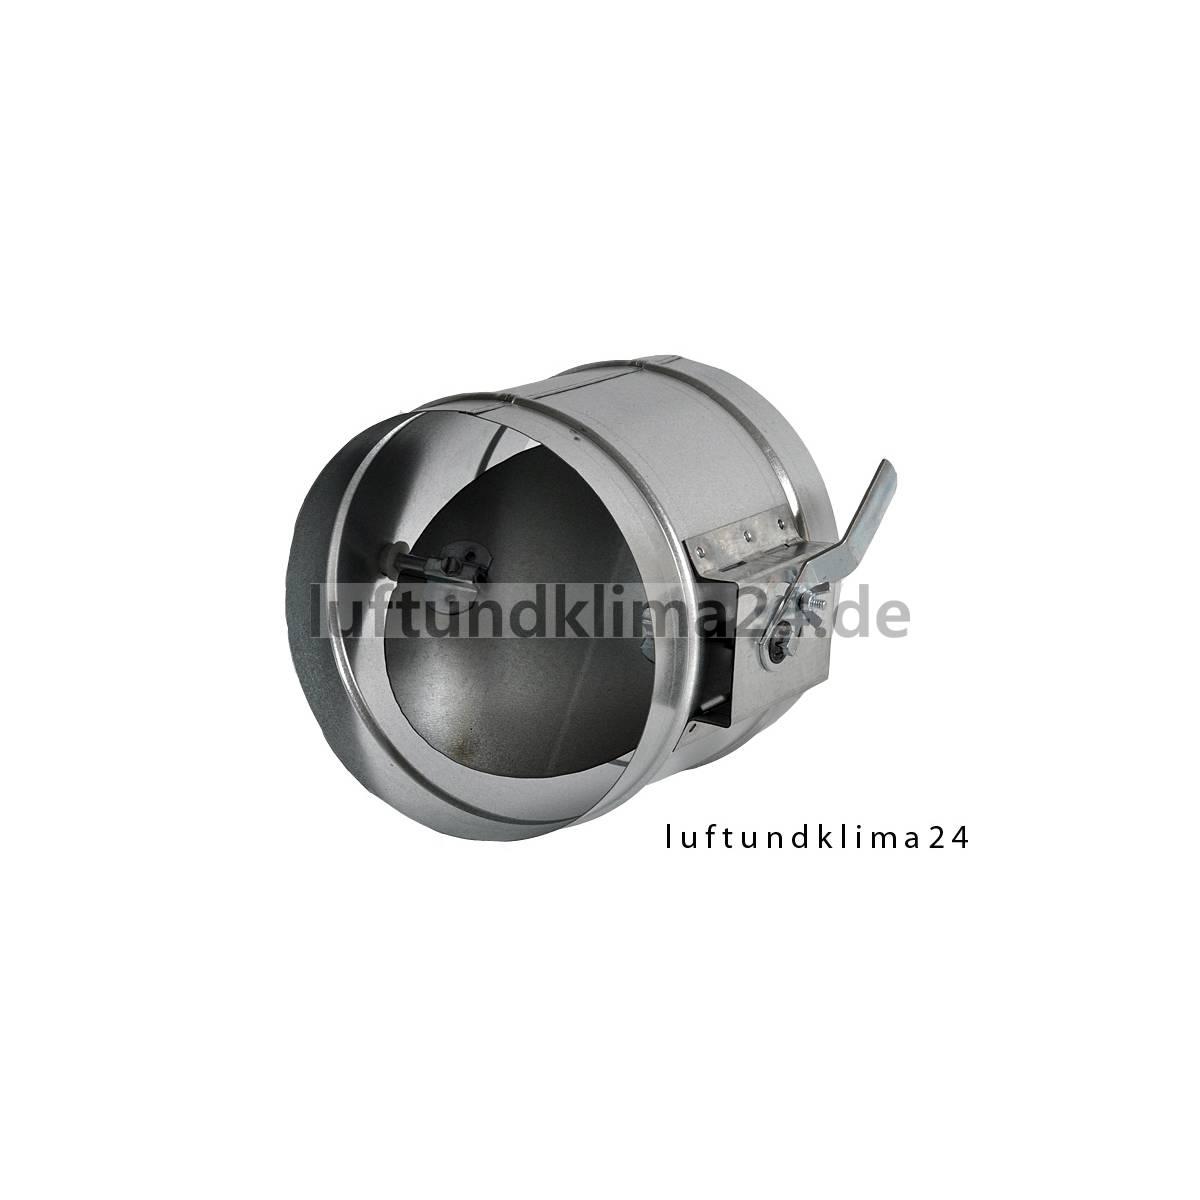 Drosselklappe Lüftung NW 300 mm Wickelfalzrohr